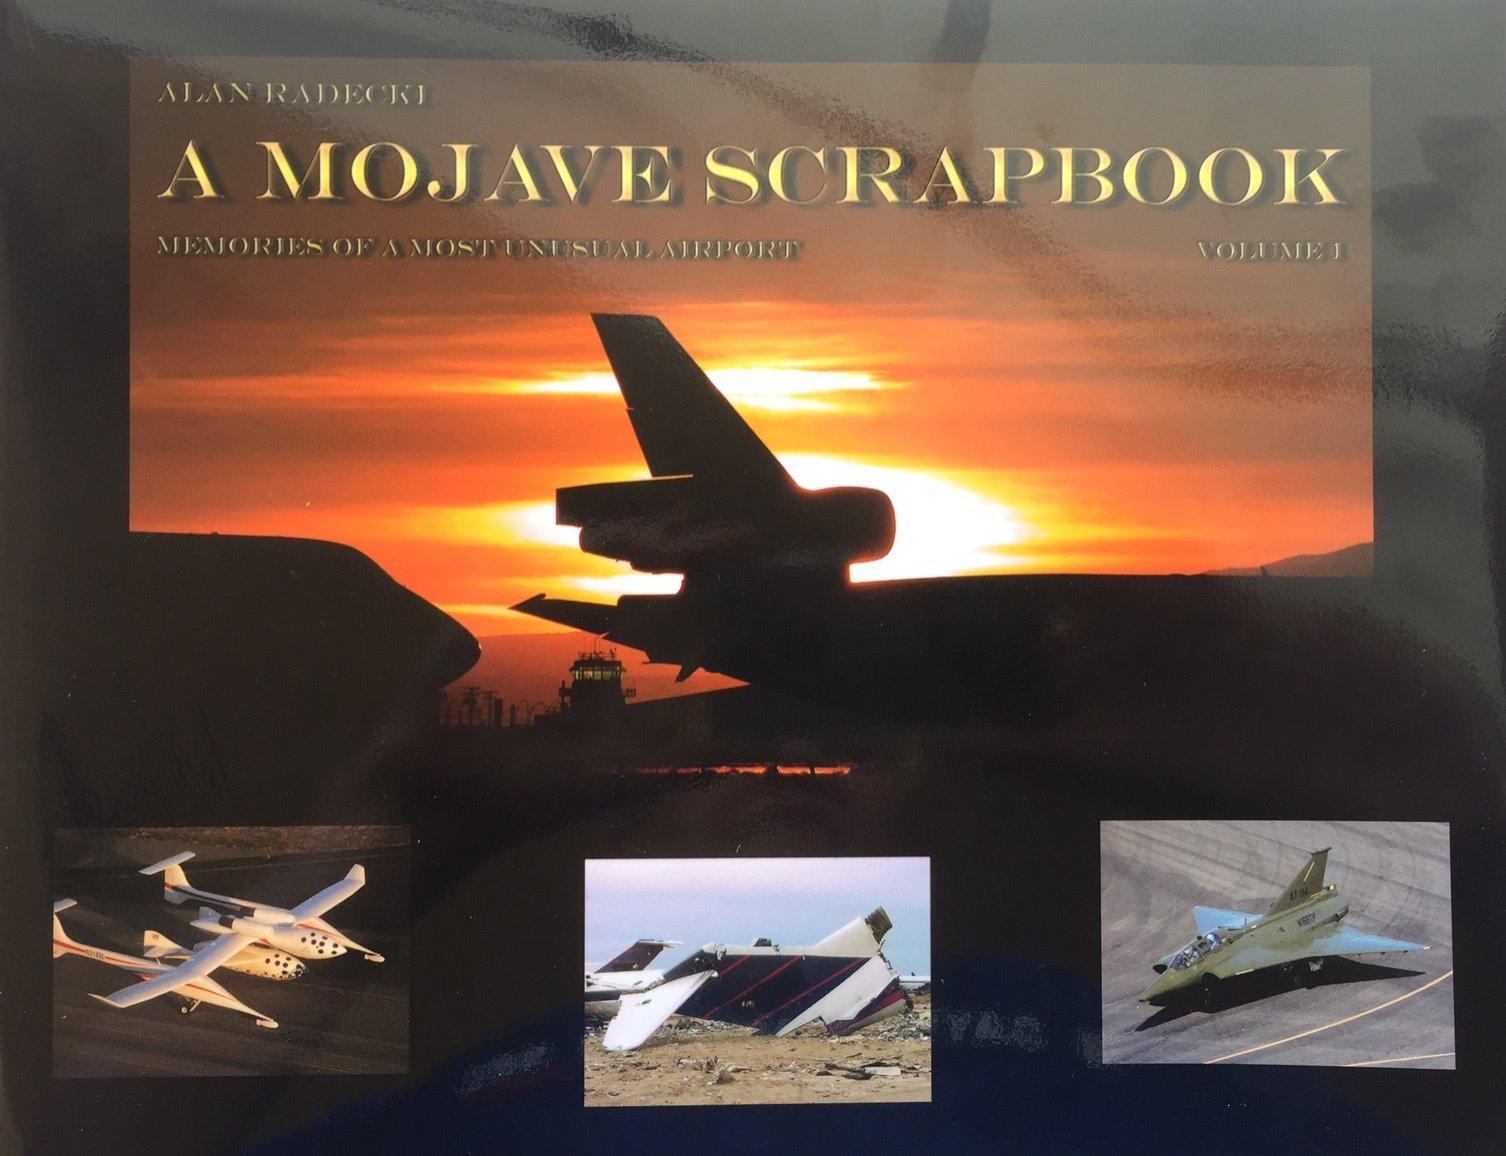 Mojave Scrapbook 00006